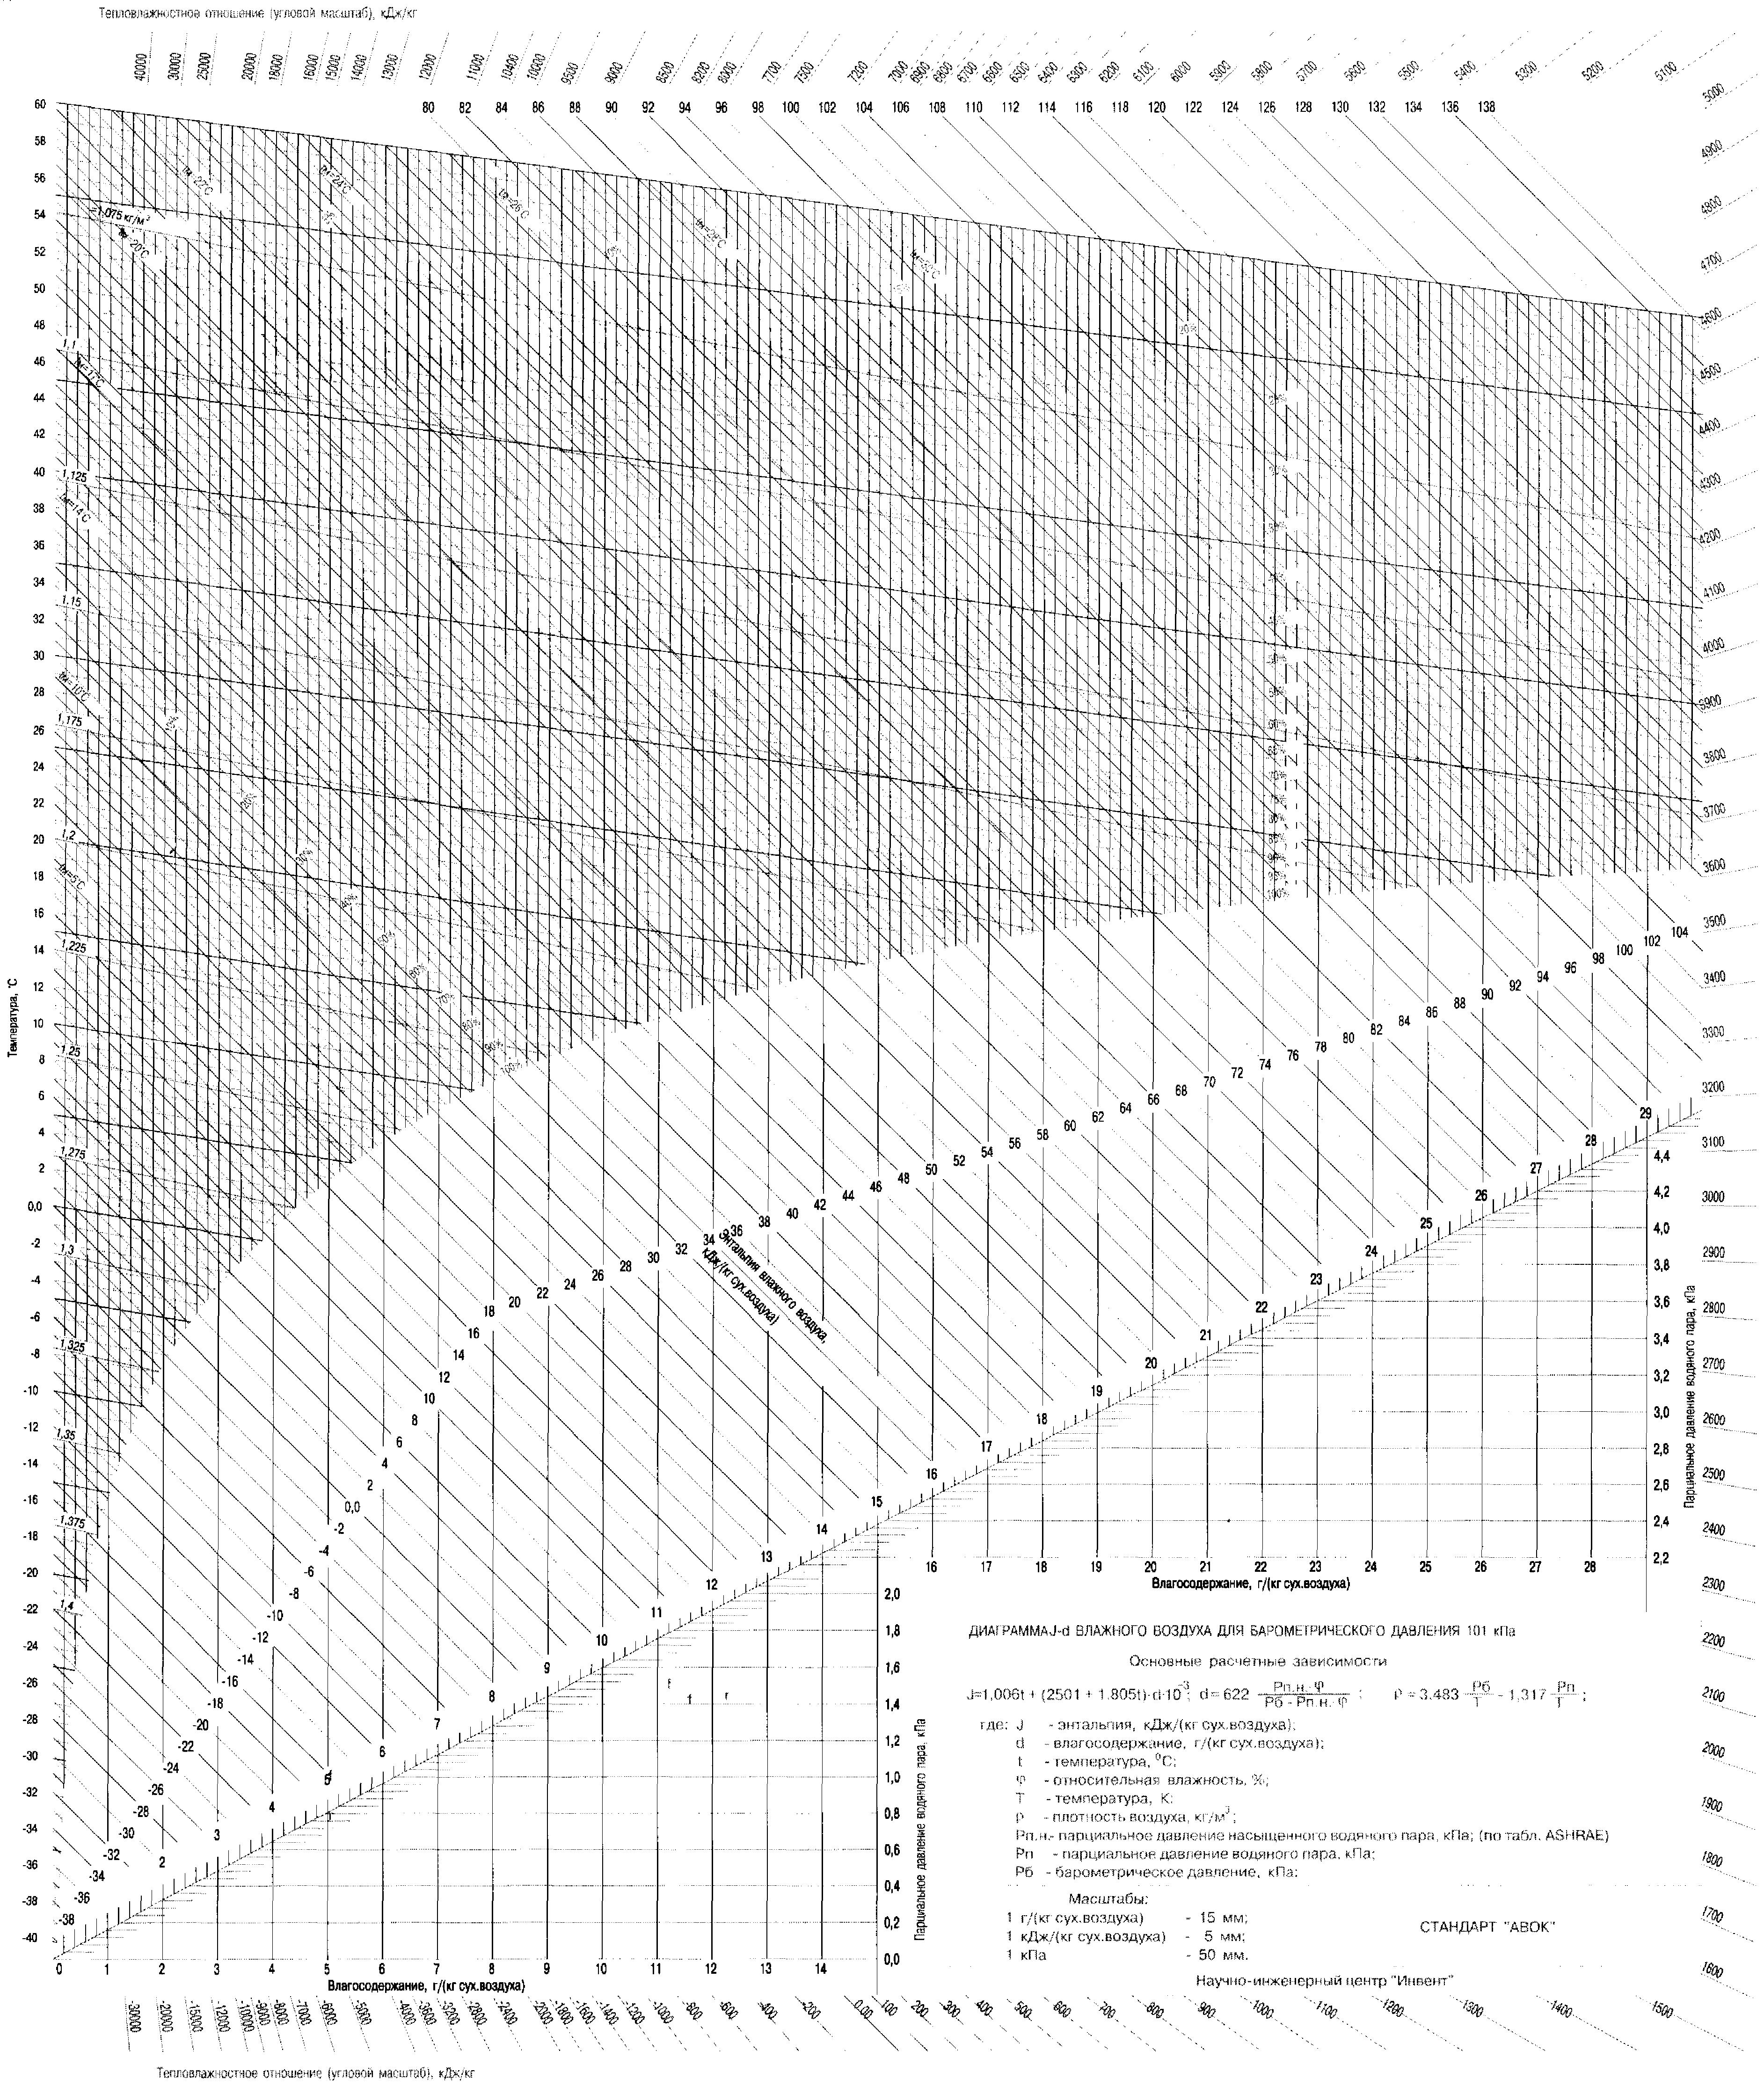 Диаграмма J-d влажного воздуха для барометрического давления 101 кПа. Диаграмма рамзина для влажного воздуха. Откройте изображение - увидите в полном размере, распечатывайте, желательно, на формате А3